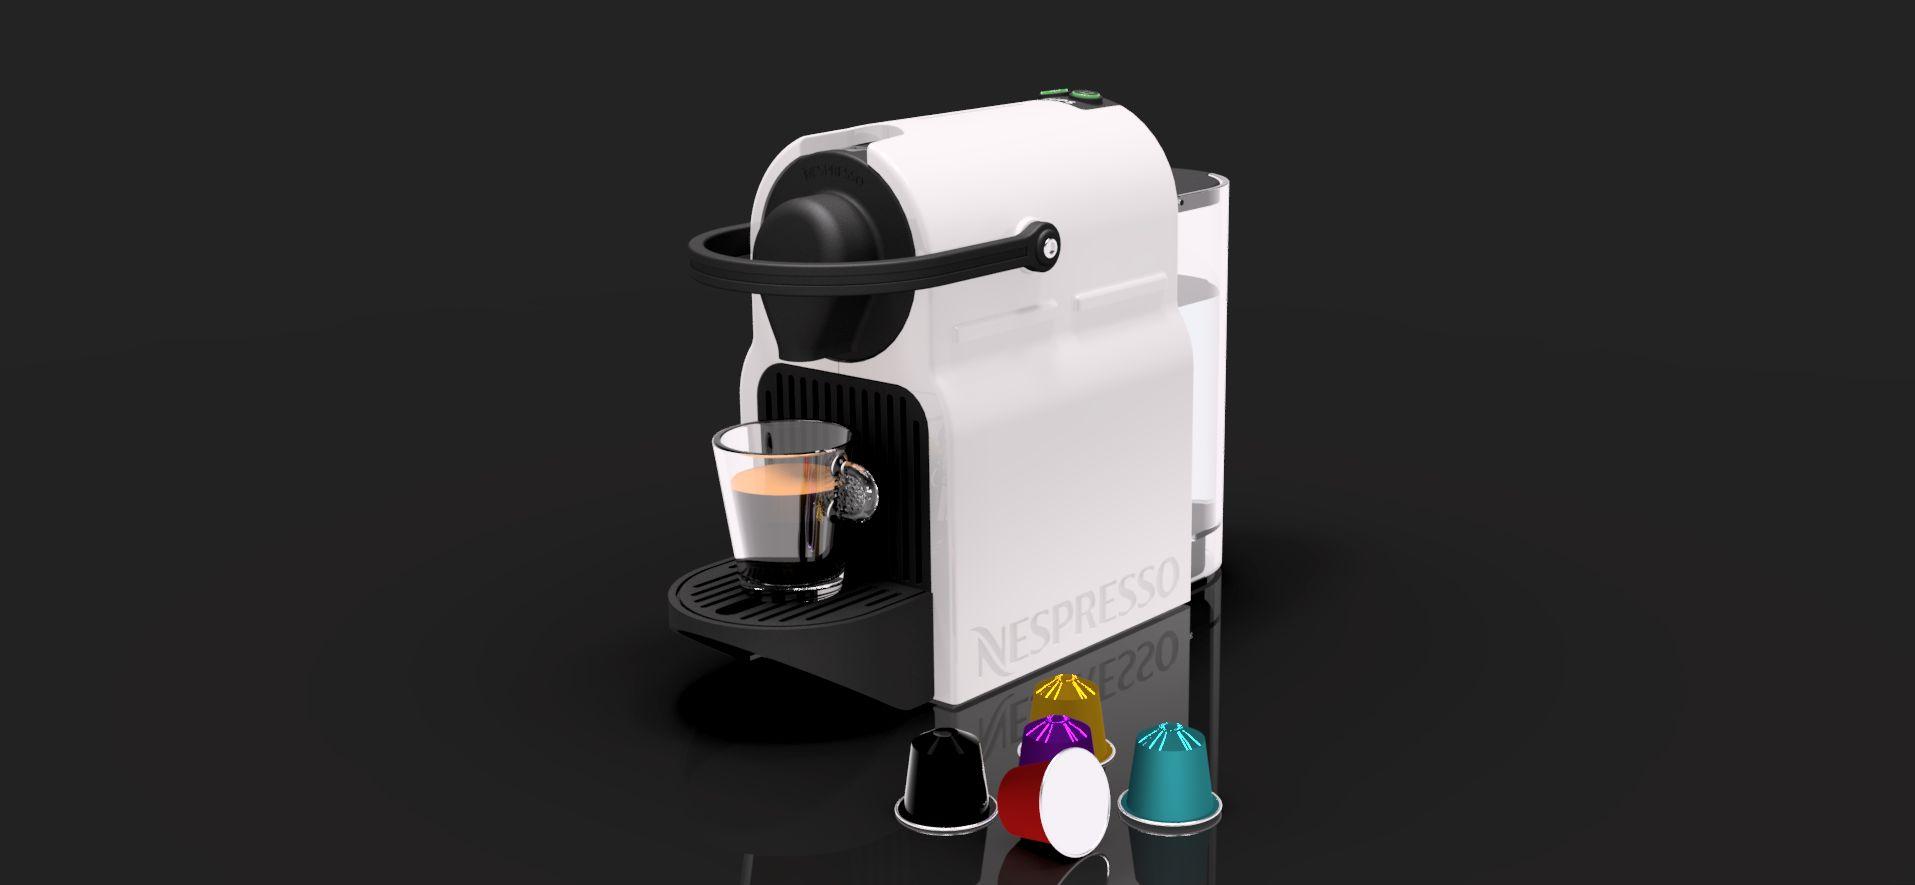 Nespresso-inissia-v20-2-3500-3500